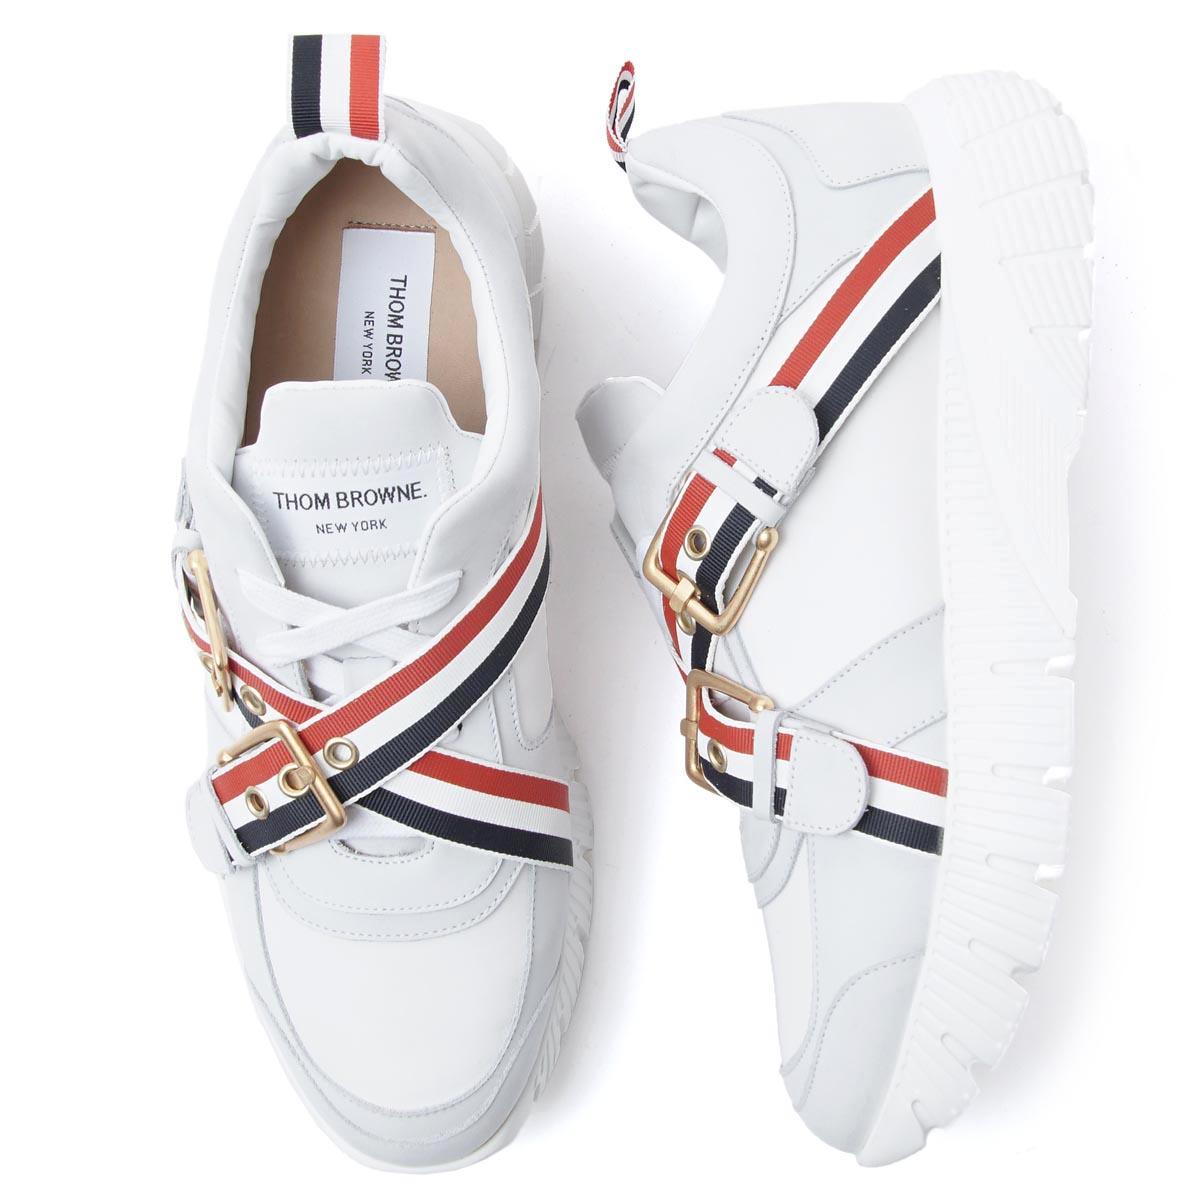 メンズ靴, スニーカー  THOM BROWNE. mfd130a 00618 100 RASED RUNNING SHOE190621